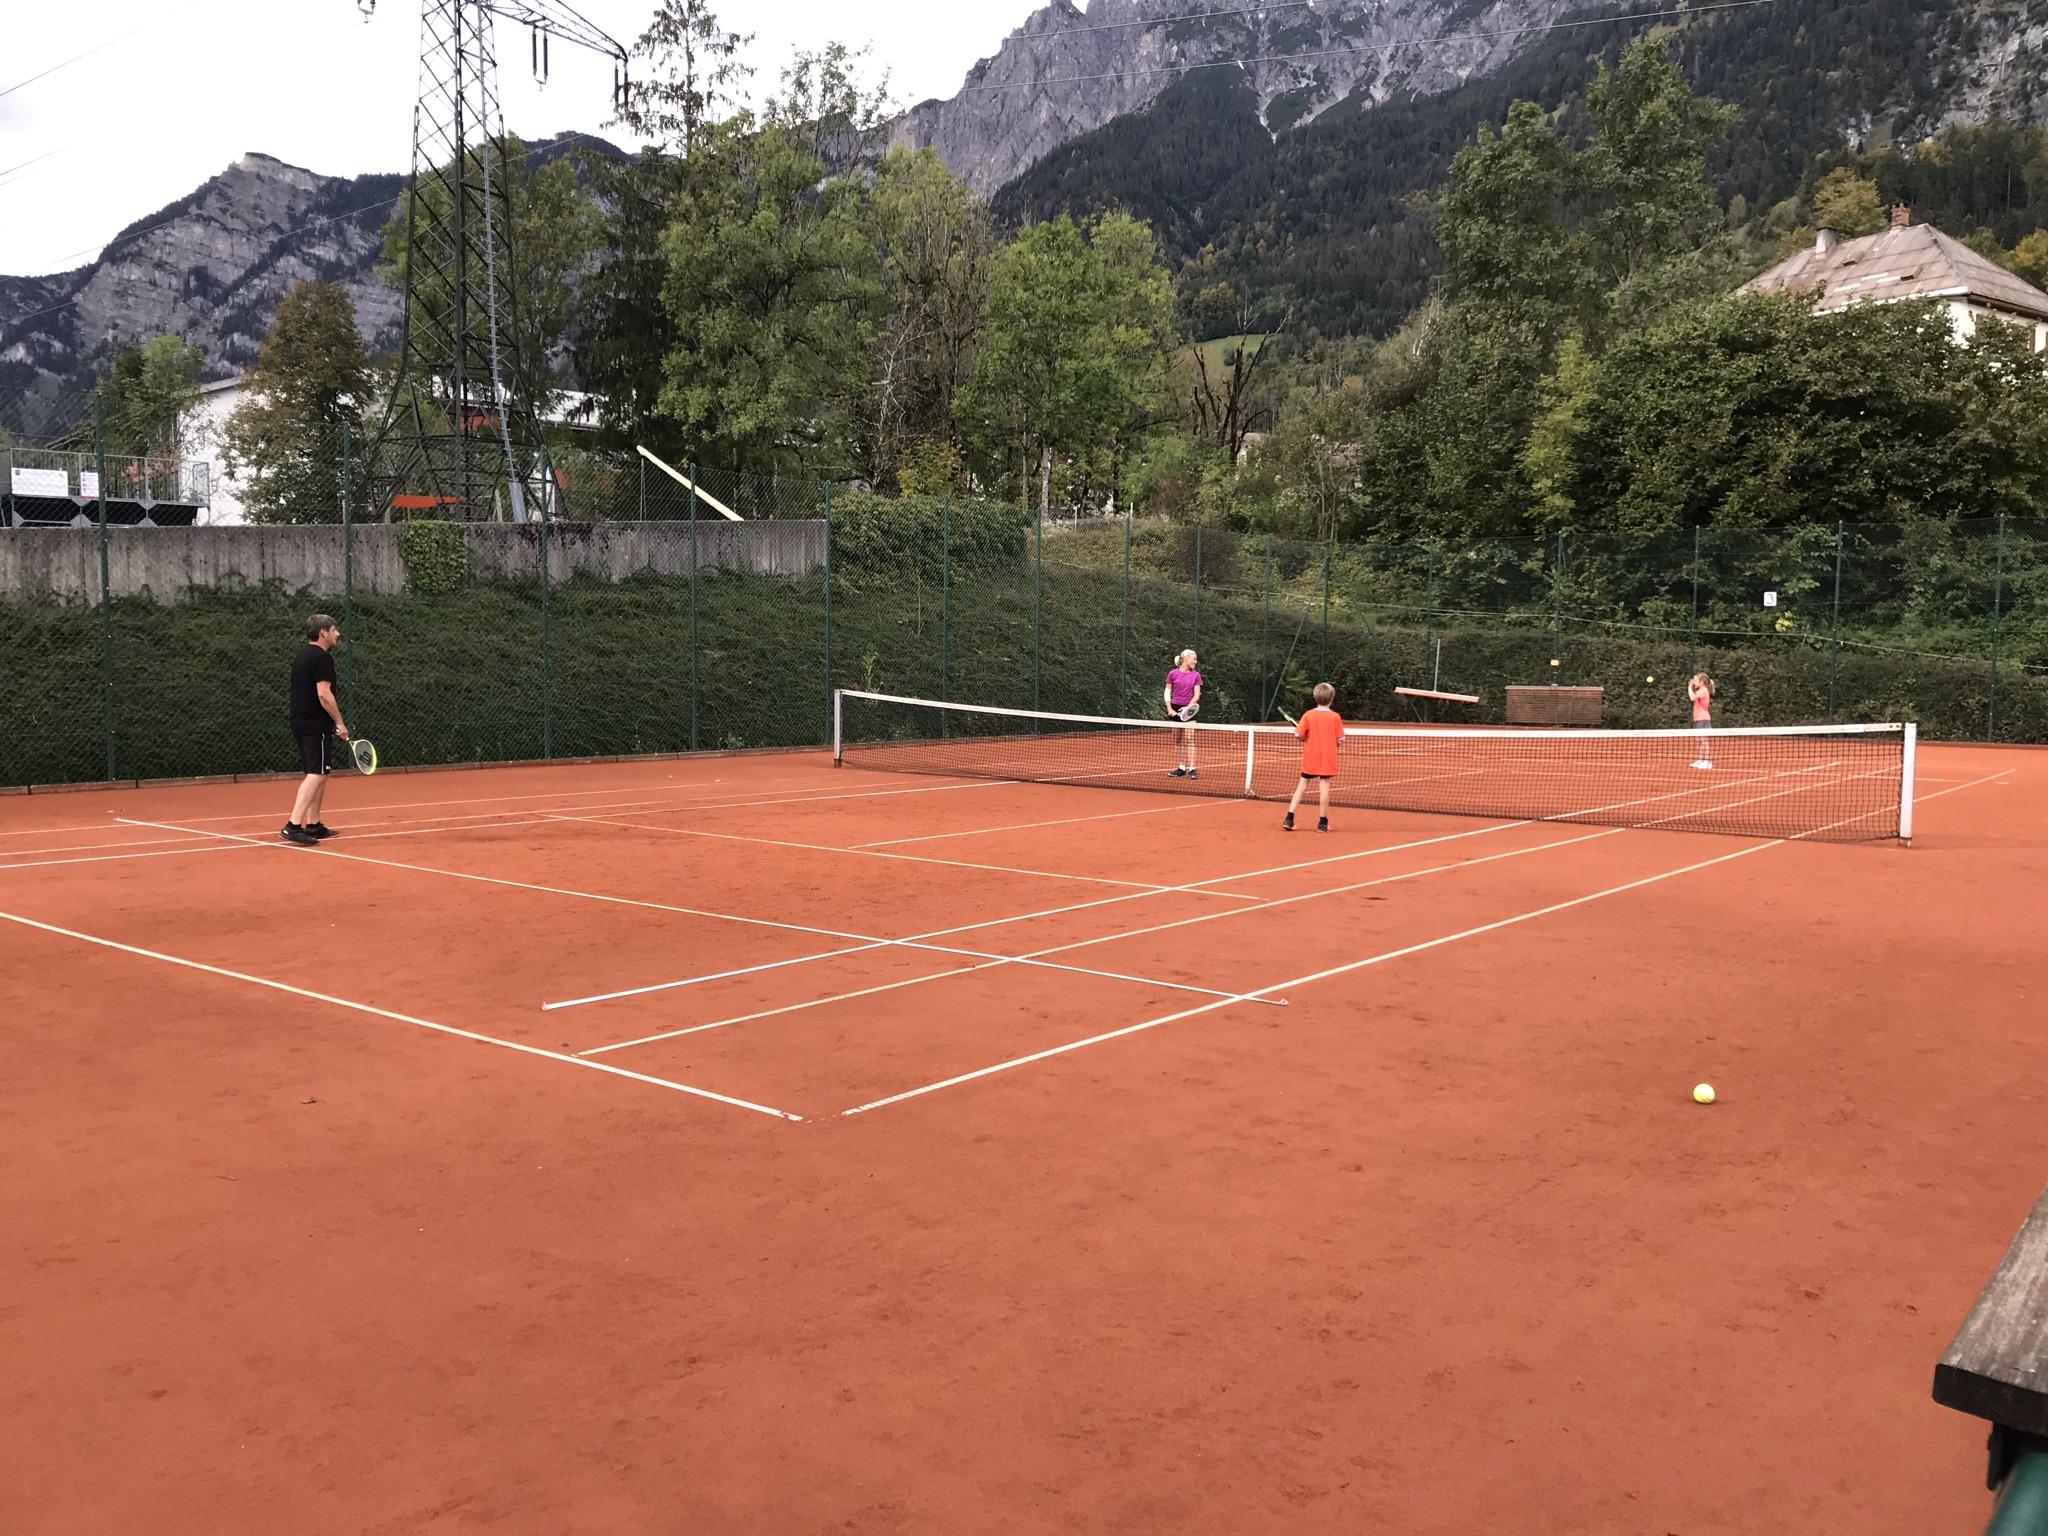 Abschlussturnier mit Family-Tennis 2020